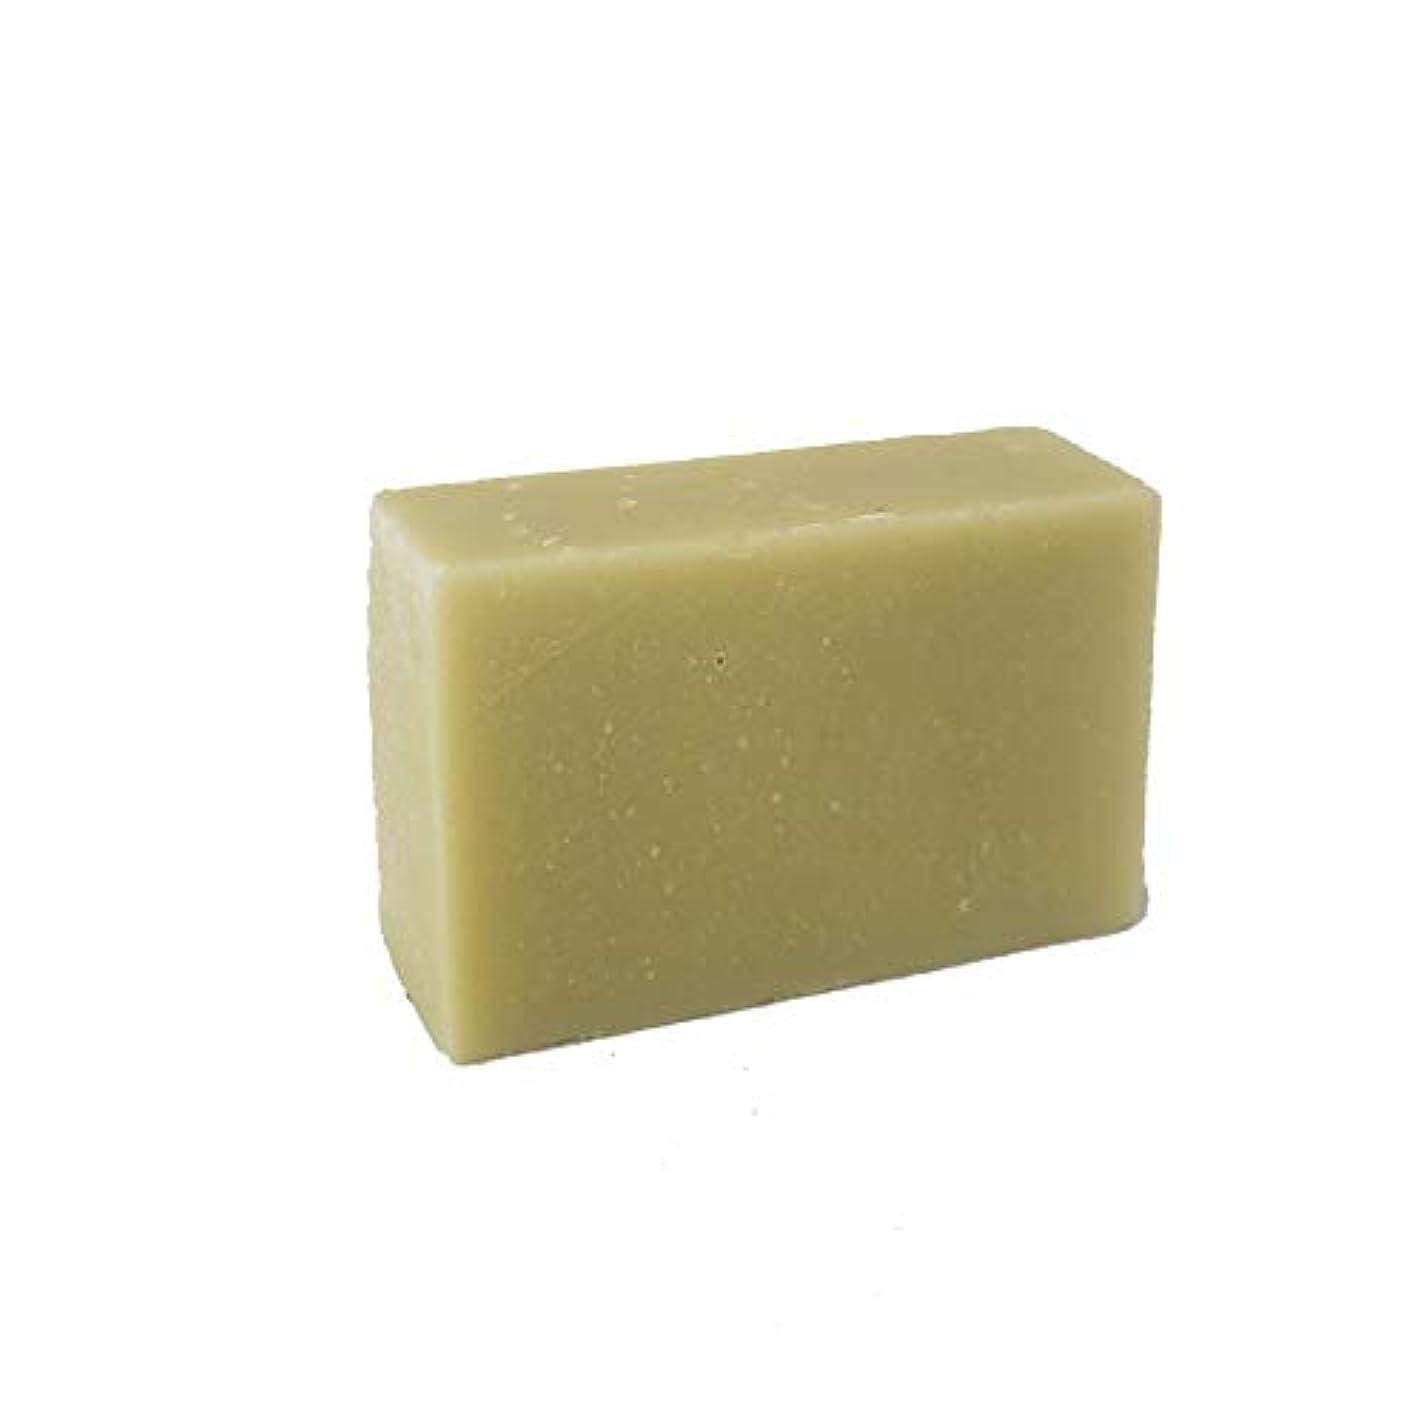 論争の的あなたが良くなりますお風呂を持っている石けん工房花華のアボカド石けん(優しさの極み コールドプロセス製法 80g